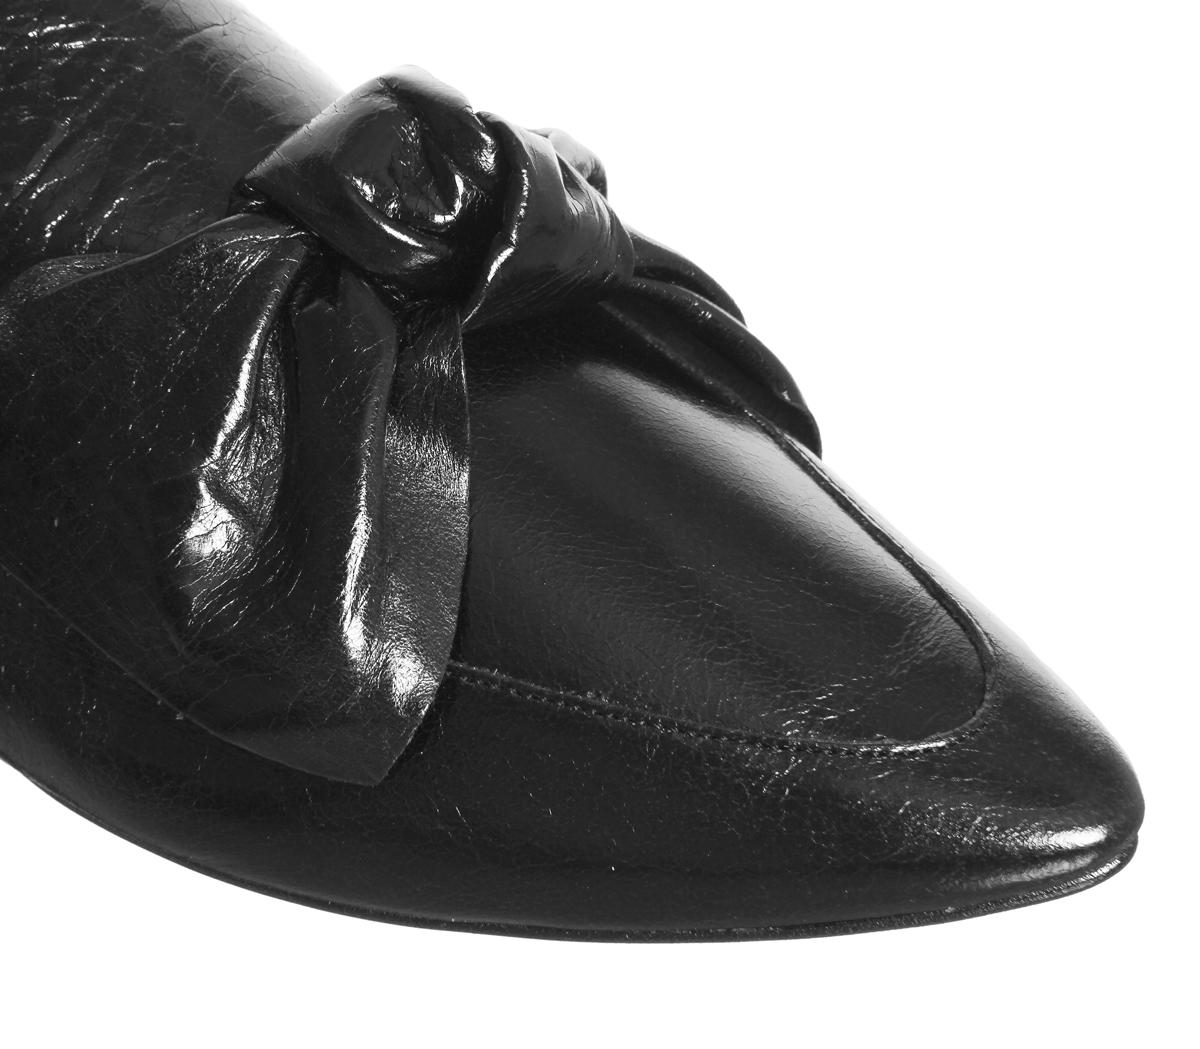 Arco de de de punto para mujer Semana de la moda de Oficina de Cuero Negro Tacón Bajo Mulas a6eac6